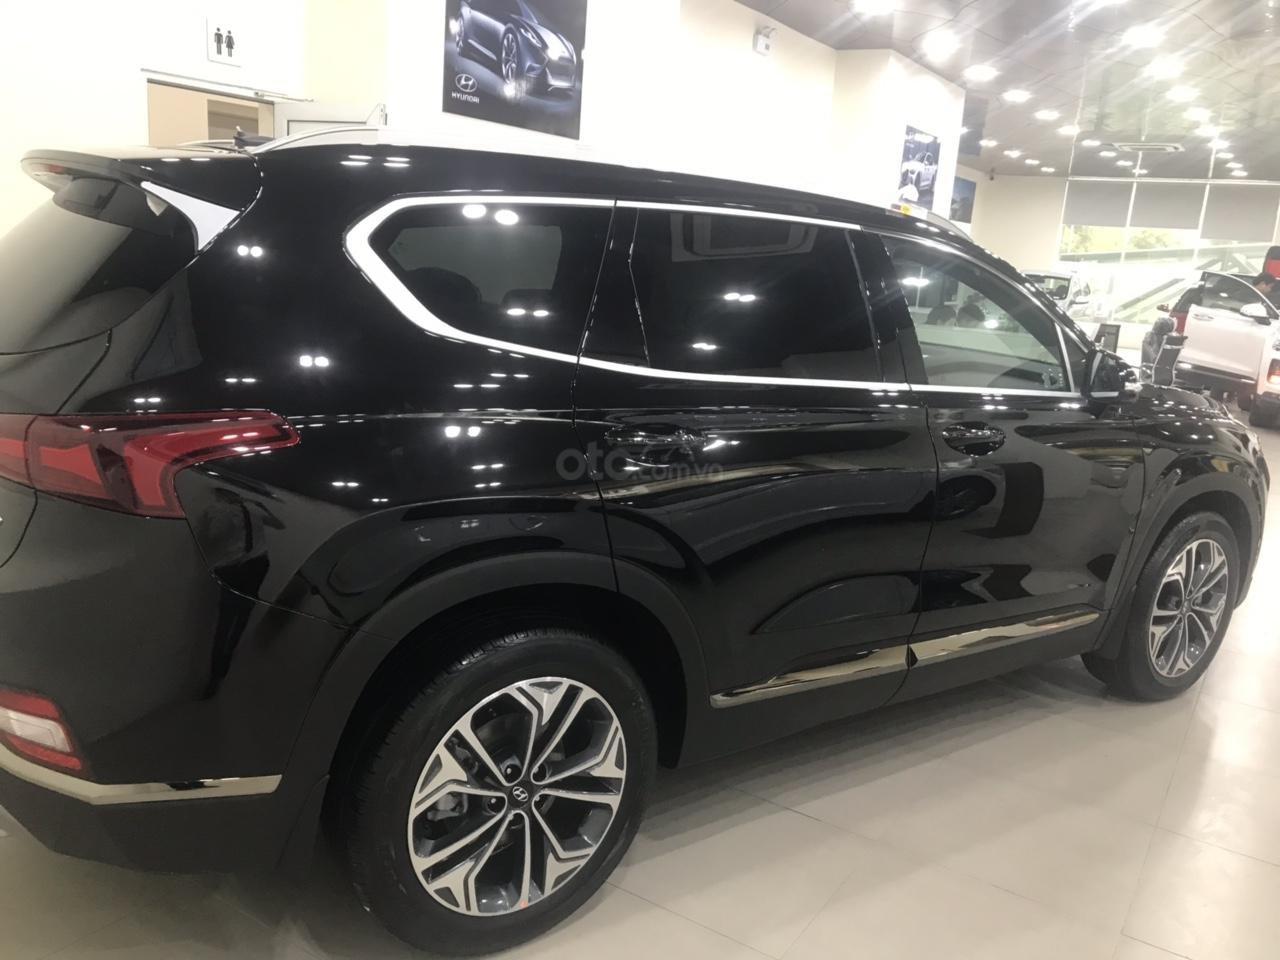 Hyundai Santa Fe 2019 bản Premium máy dầu cao cấp - Xe giao ngay - Nhiều ưu đãi - 0919929923-2